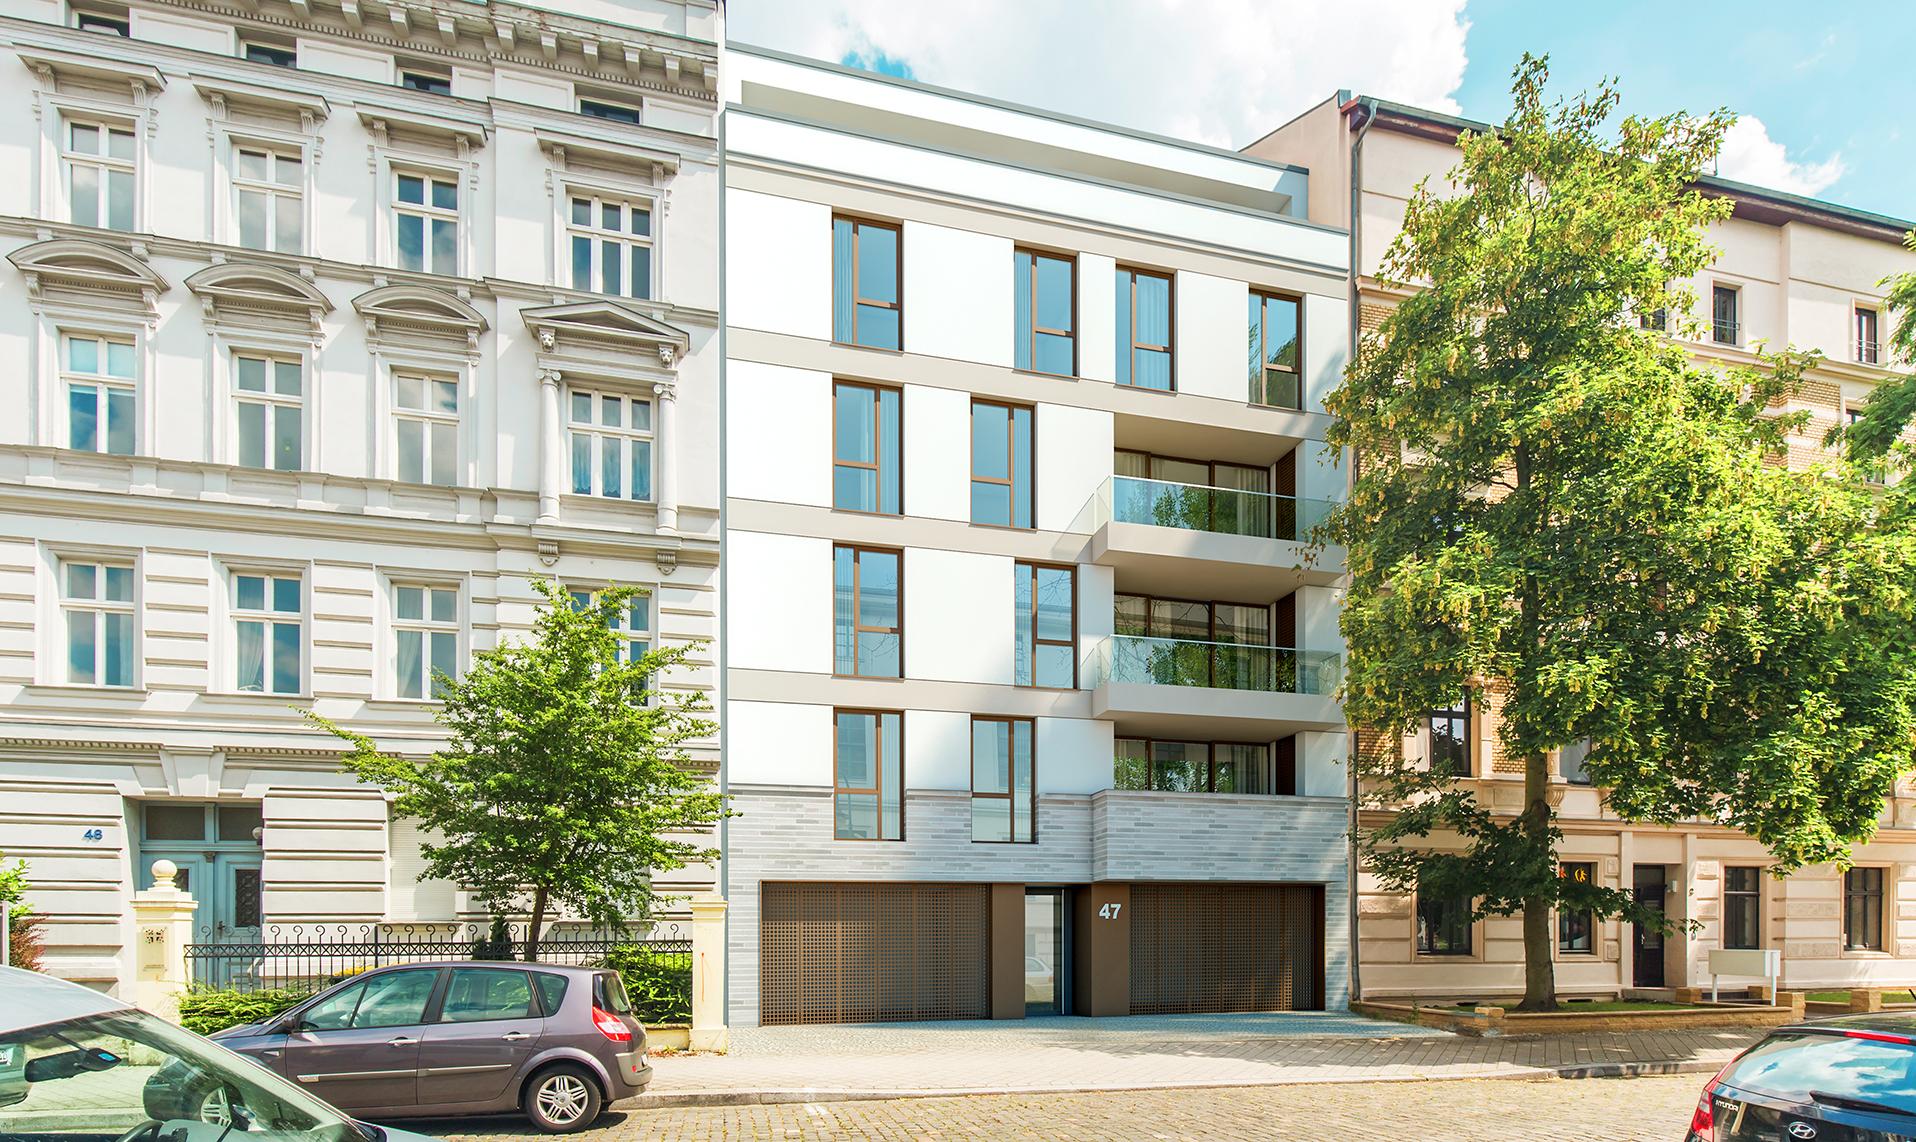 stadthaus leibniz 47 modernes wohnen in magdeburg. Black Bedroom Furniture Sets. Home Design Ideas